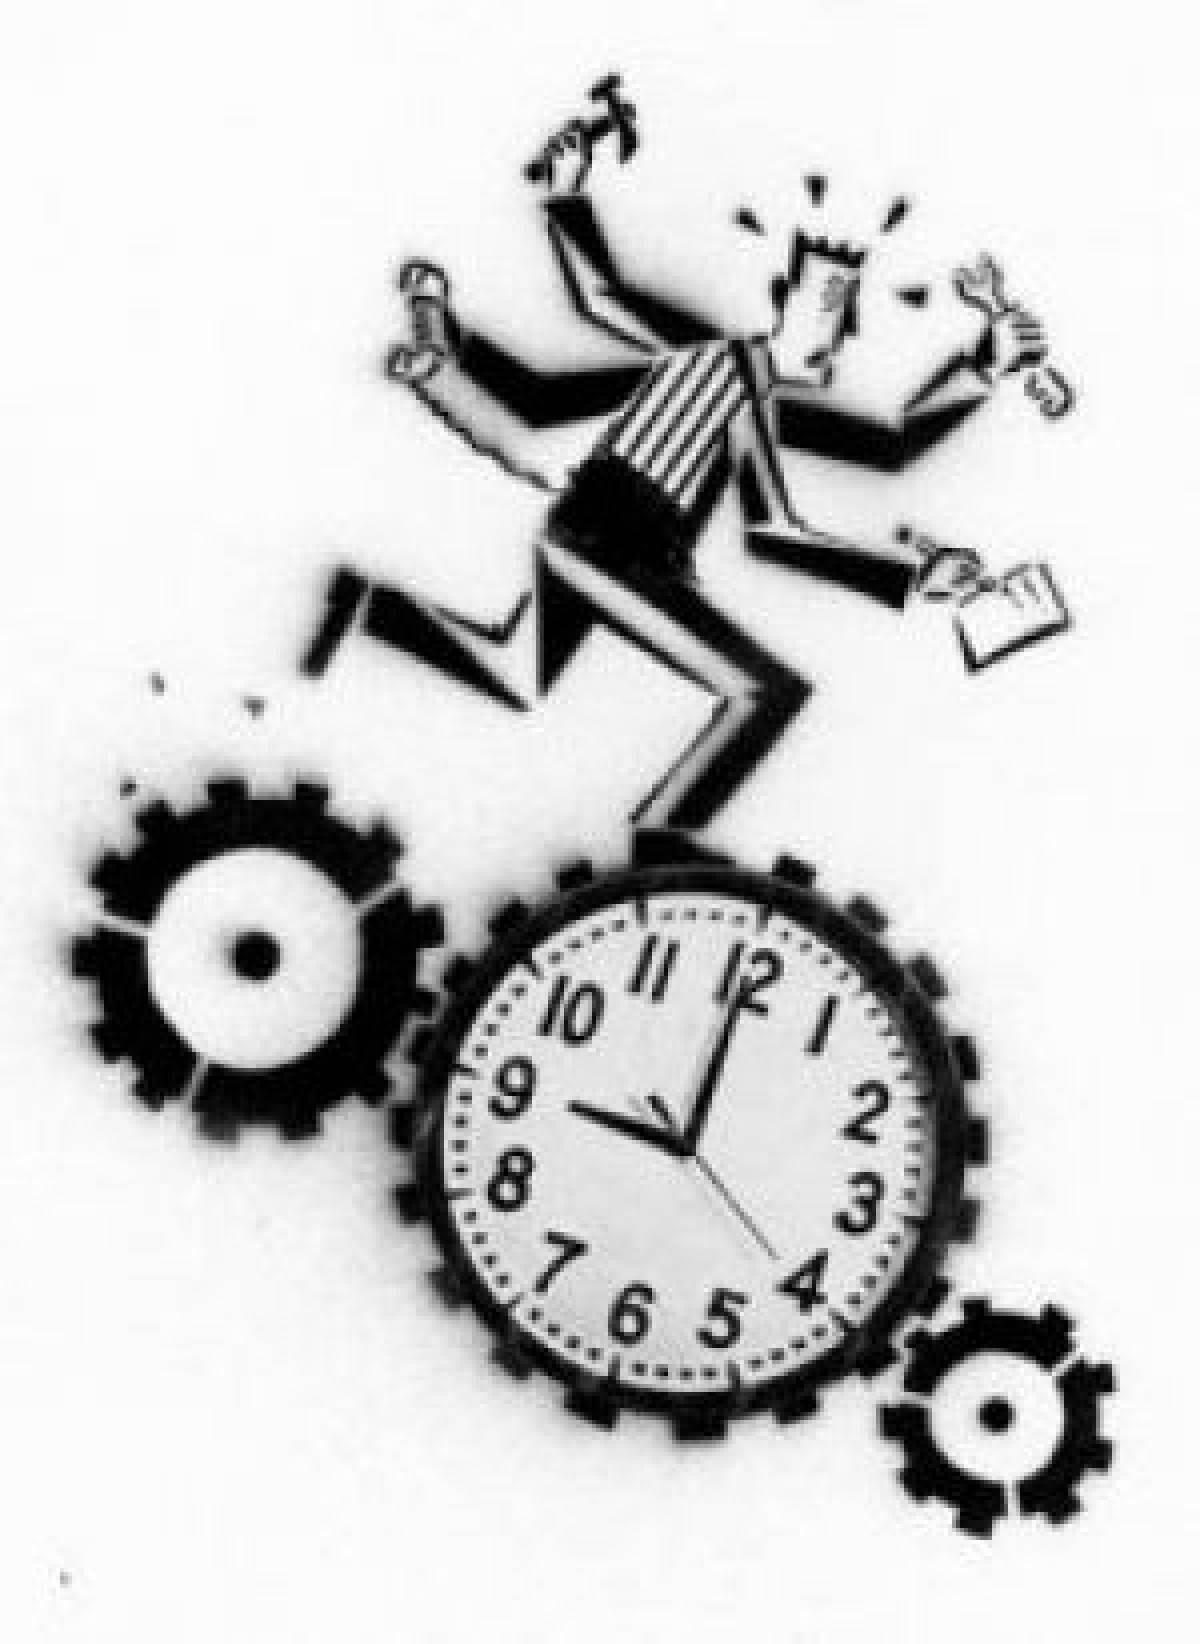 Comerciários cumprem jornada de até 70 horas semanais